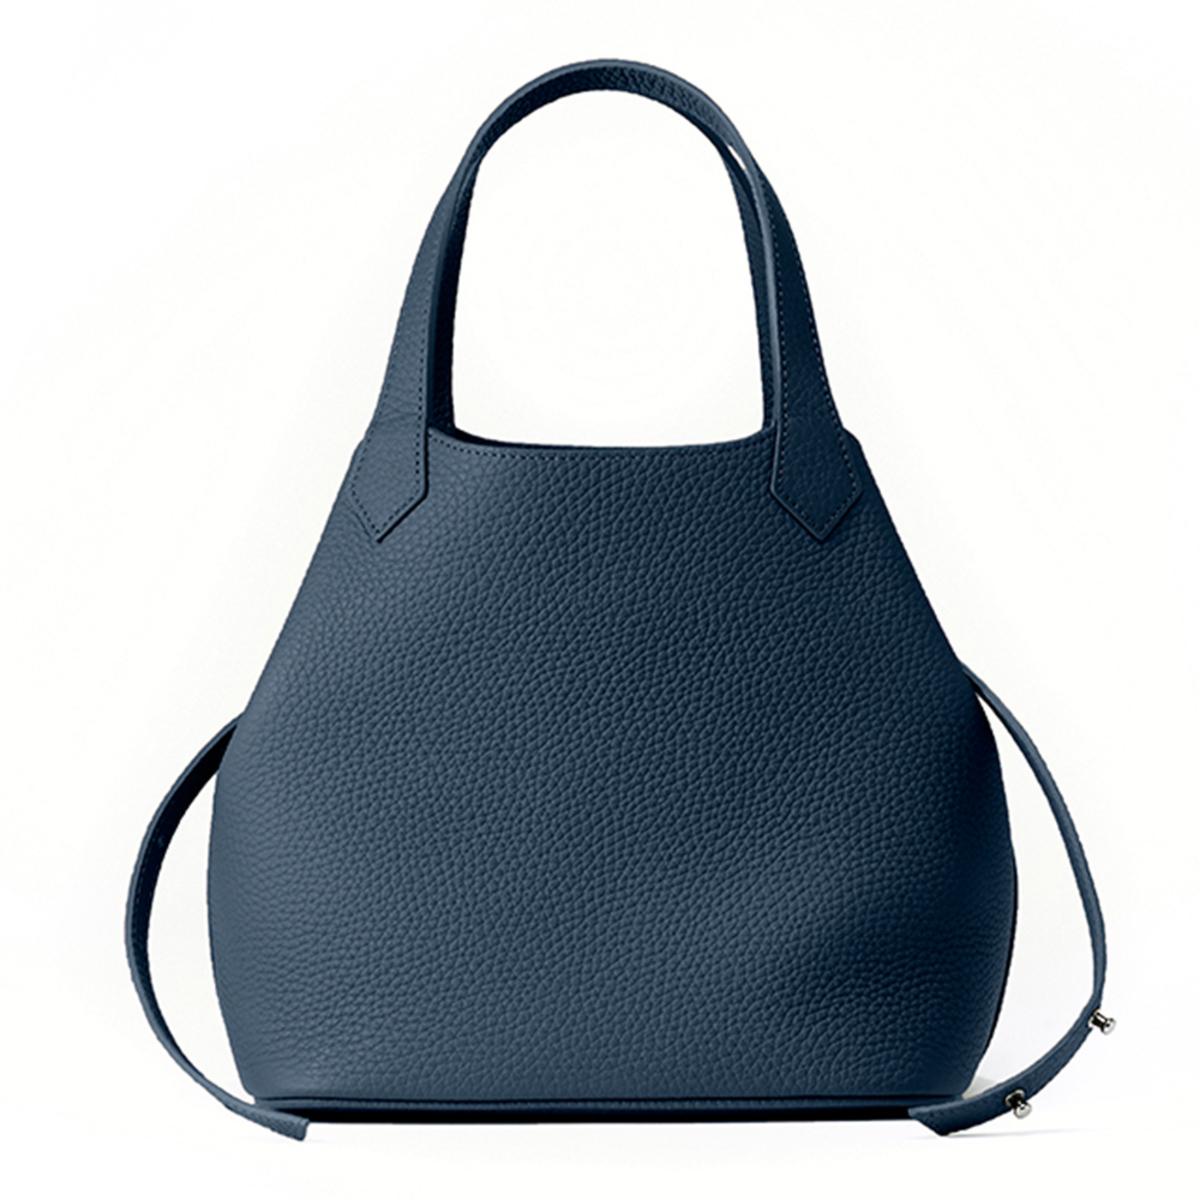 Palla 手提肩背包 A-bag